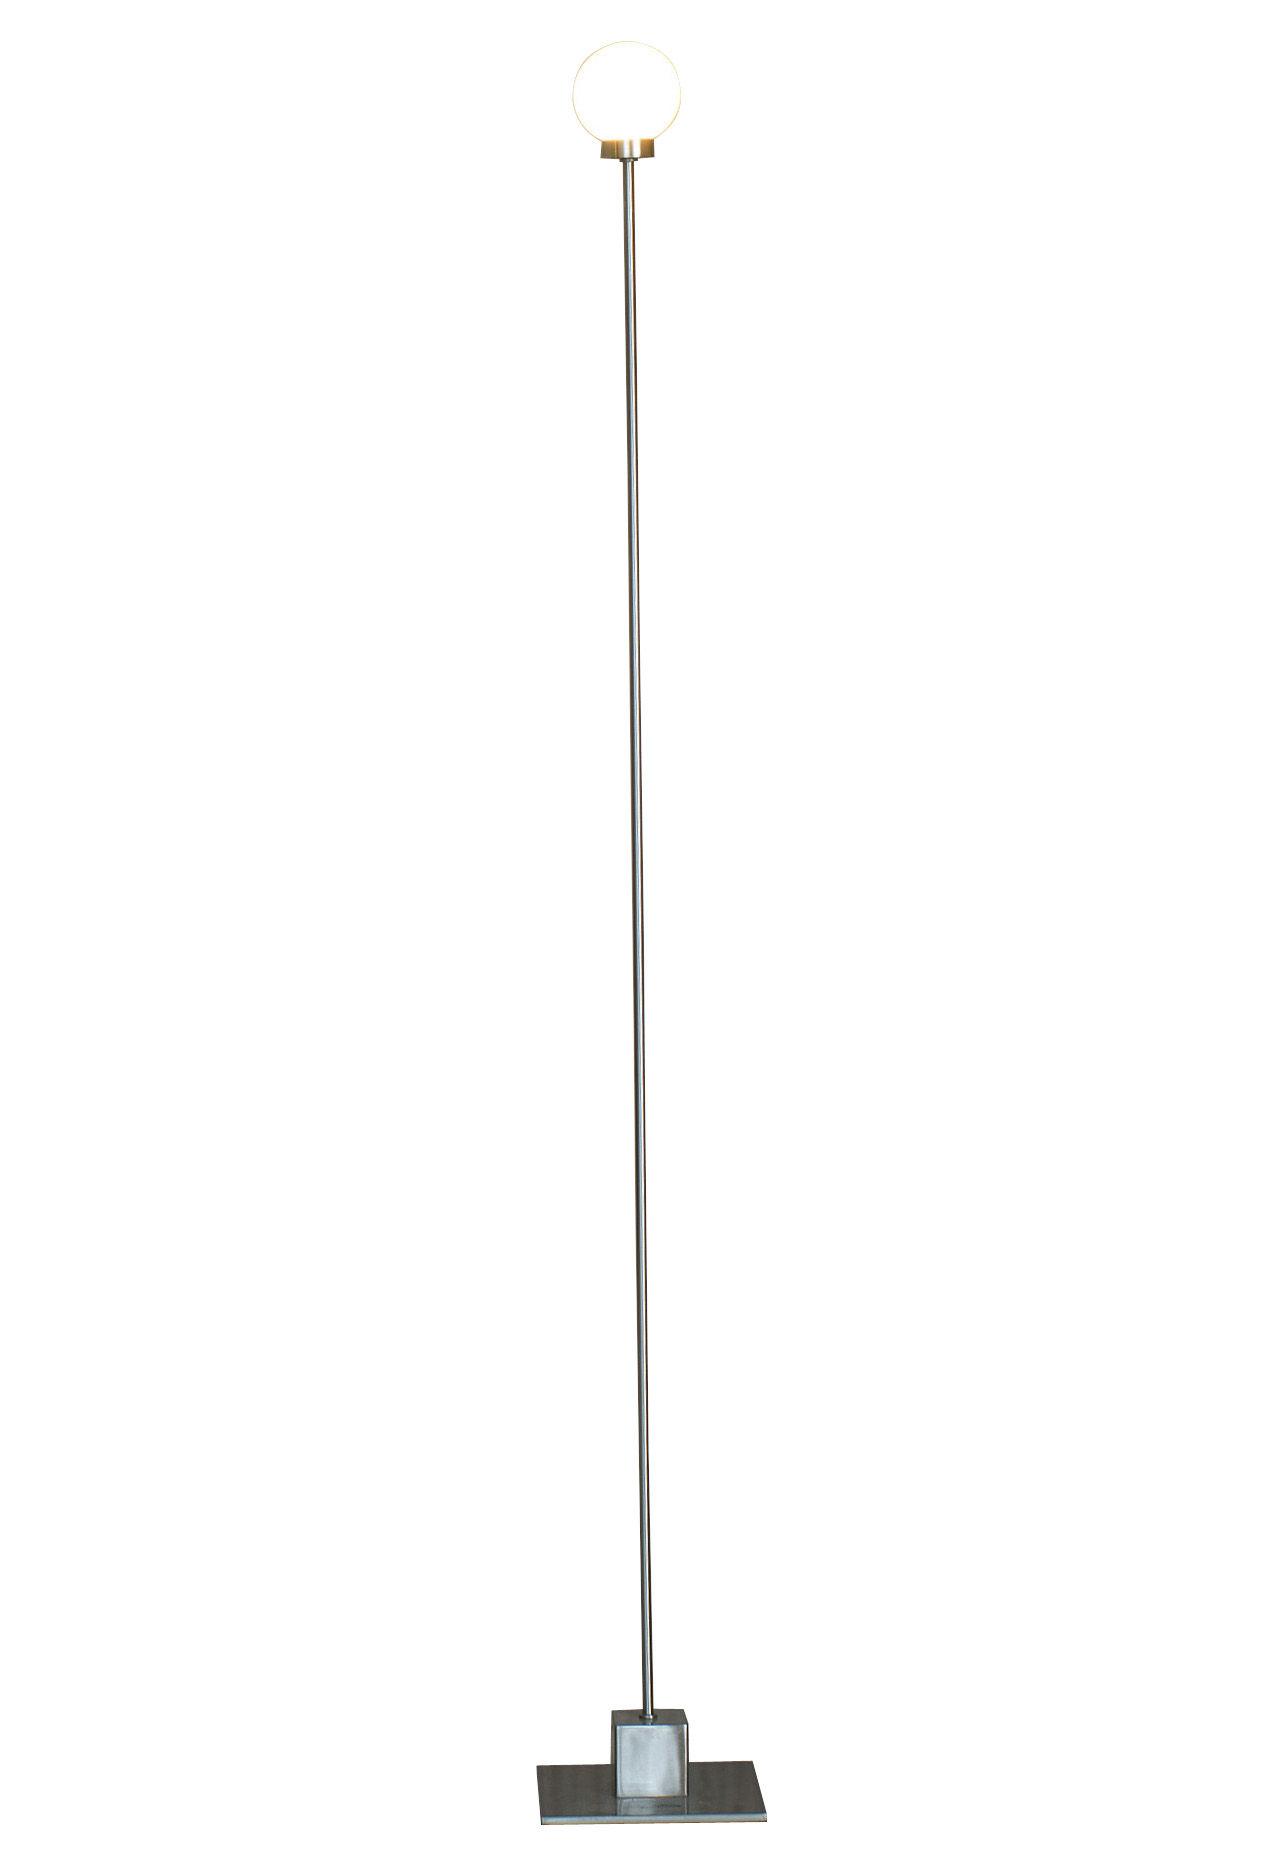 Leuchten - Stehleuchten - Snowball Stehleuchte - Northern  - Korpus aus Metall - Glas, satiniertes Metall